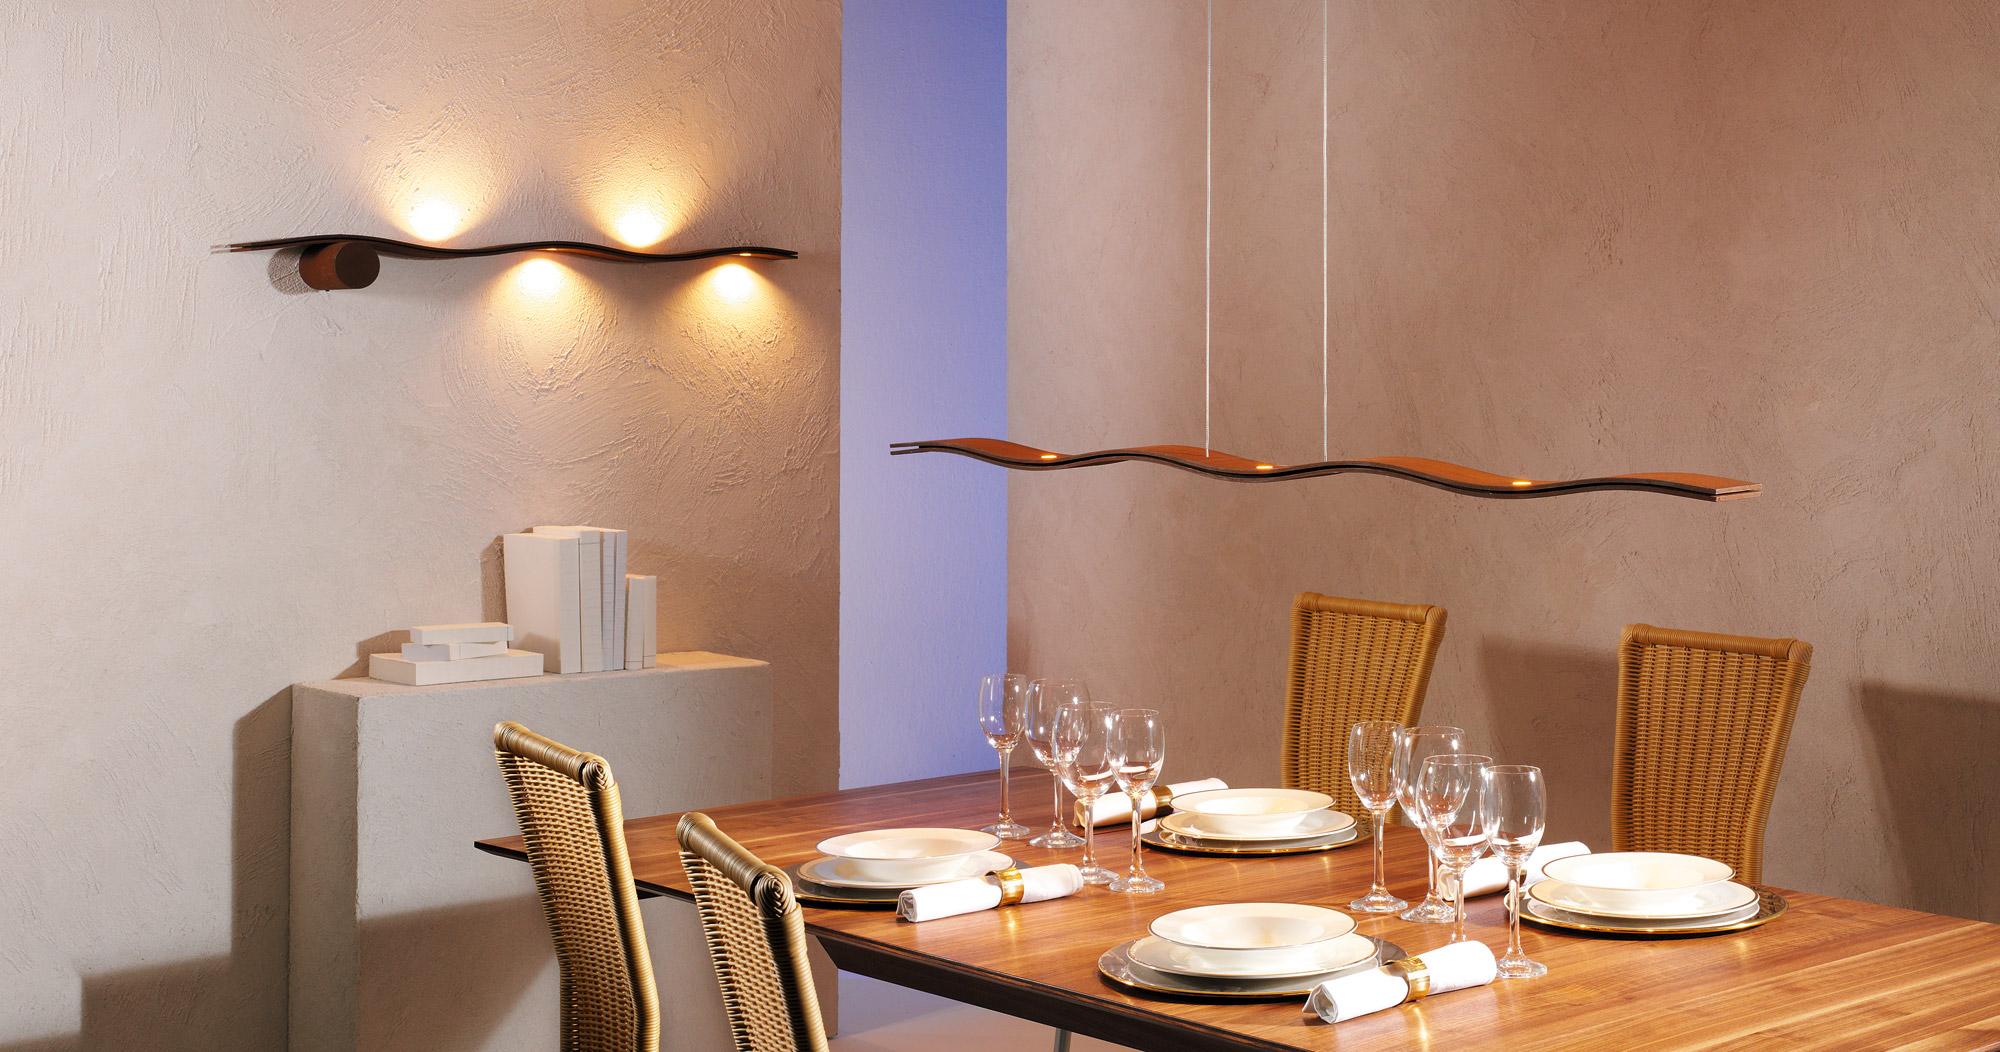 Entdecken Sie Die Vielfaltan Designer , Wohnraum Und Außenleuchten  Inunserem Fachgeschäft.